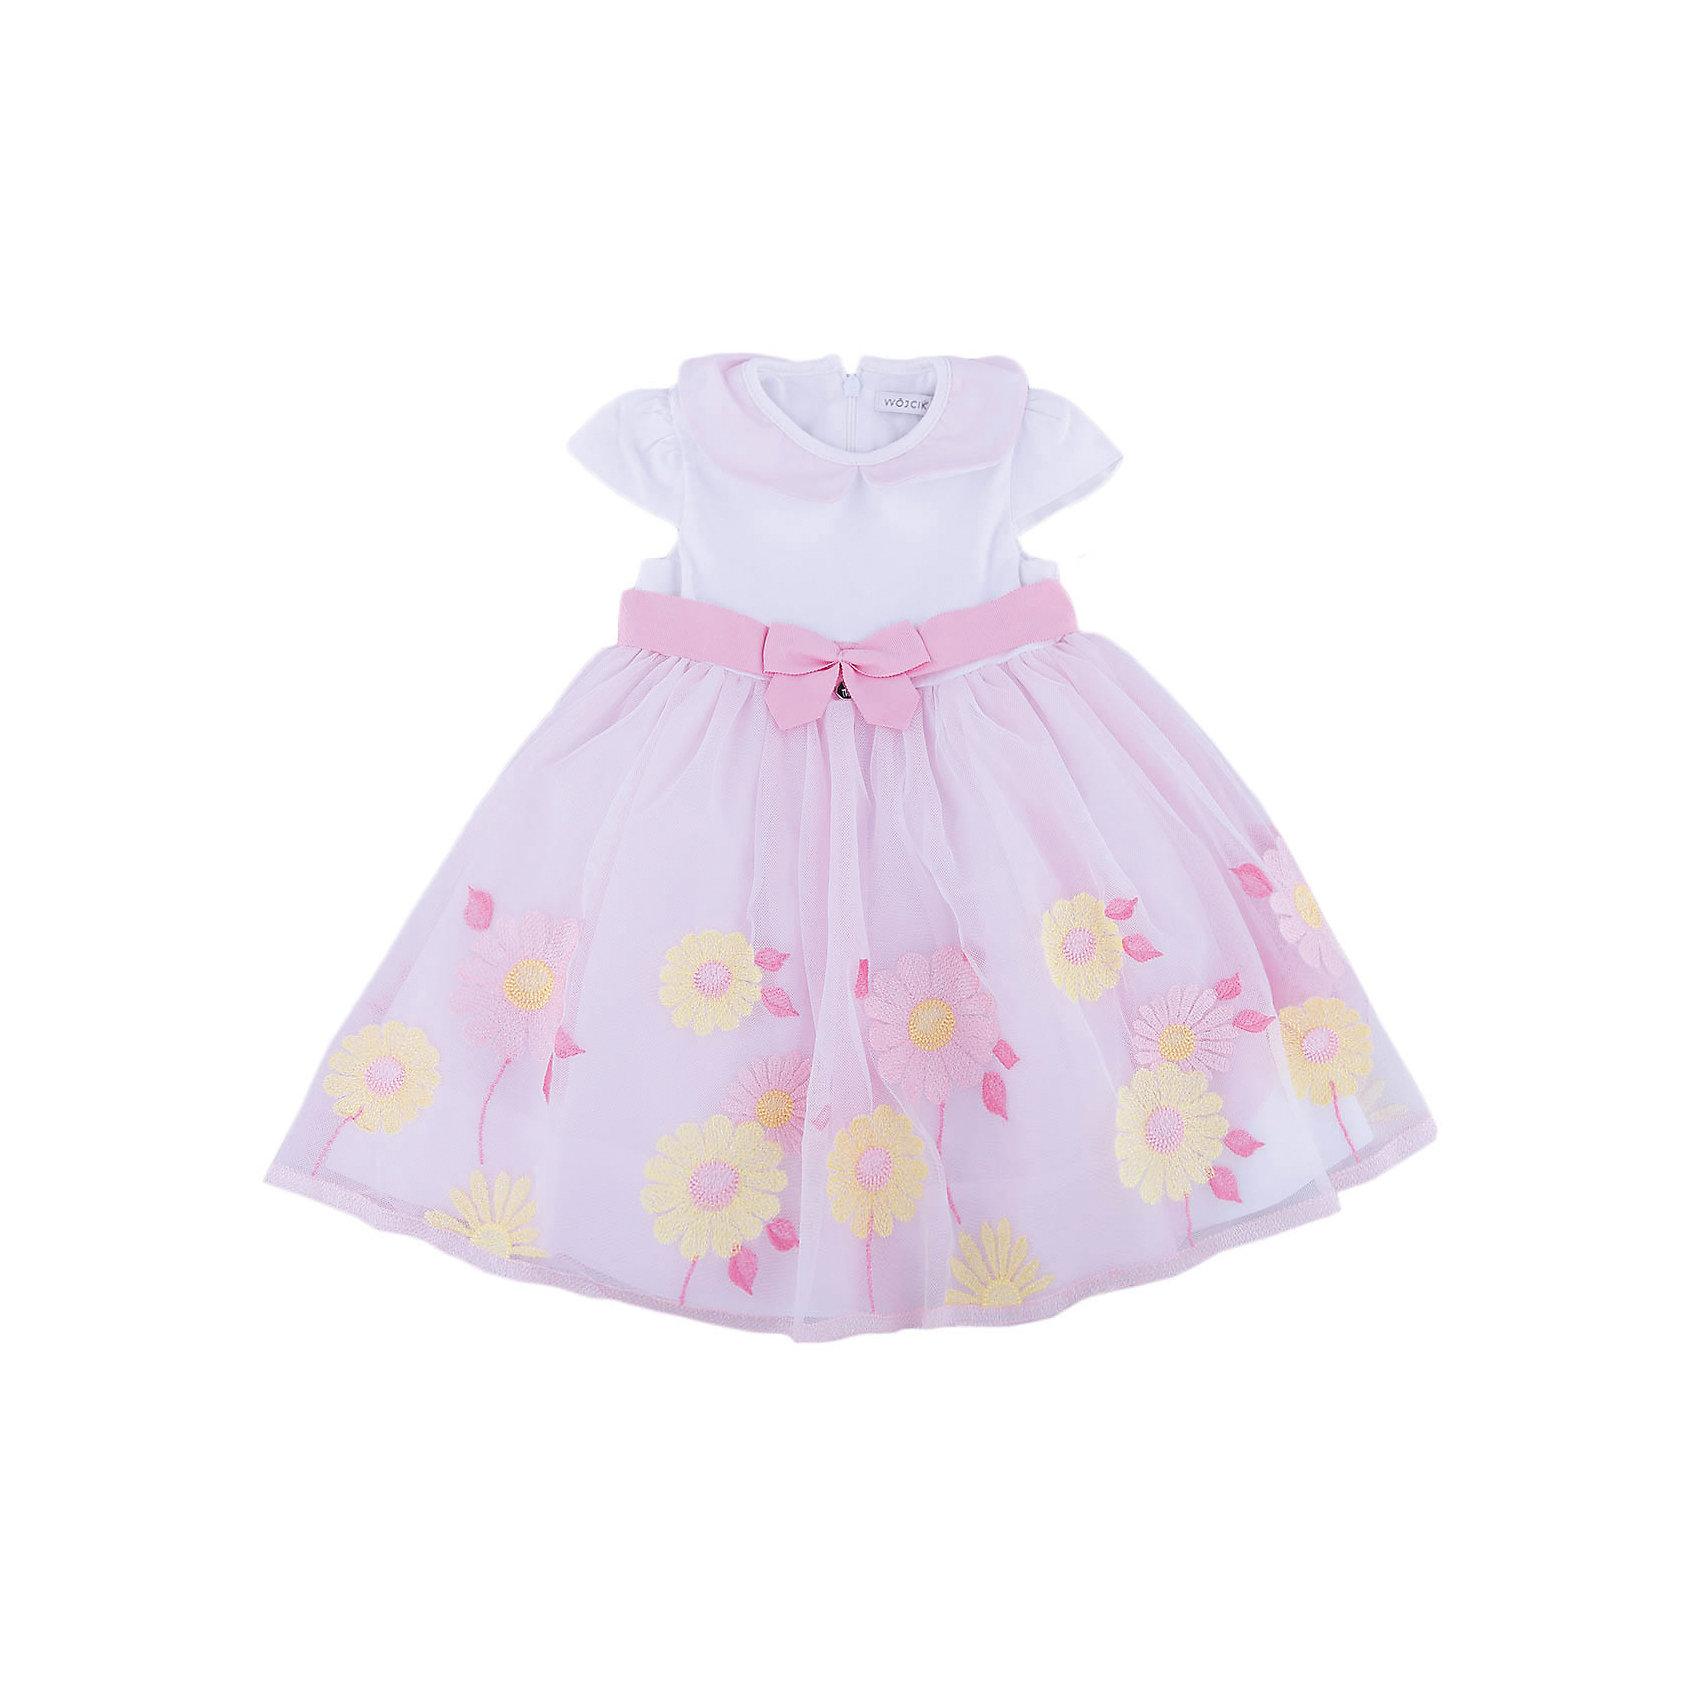 Платье для девочки WojcikПлатья и сарафаны<br>Платье для девочки Wojcik<br>Состав:<br>Полиэстер 72% Хлопок 20% Эластан 8%<br><br>Ширина мм: 236<br>Глубина мм: 16<br>Высота мм: 184<br>Вес г: 177<br>Цвет: розовый<br>Возраст от месяцев: 3<br>Возраст до месяцев: 6<br>Пол: Женский<br>Возраст: Детский<br>Размер: 68,92,74,80<br>SKU: 5588265